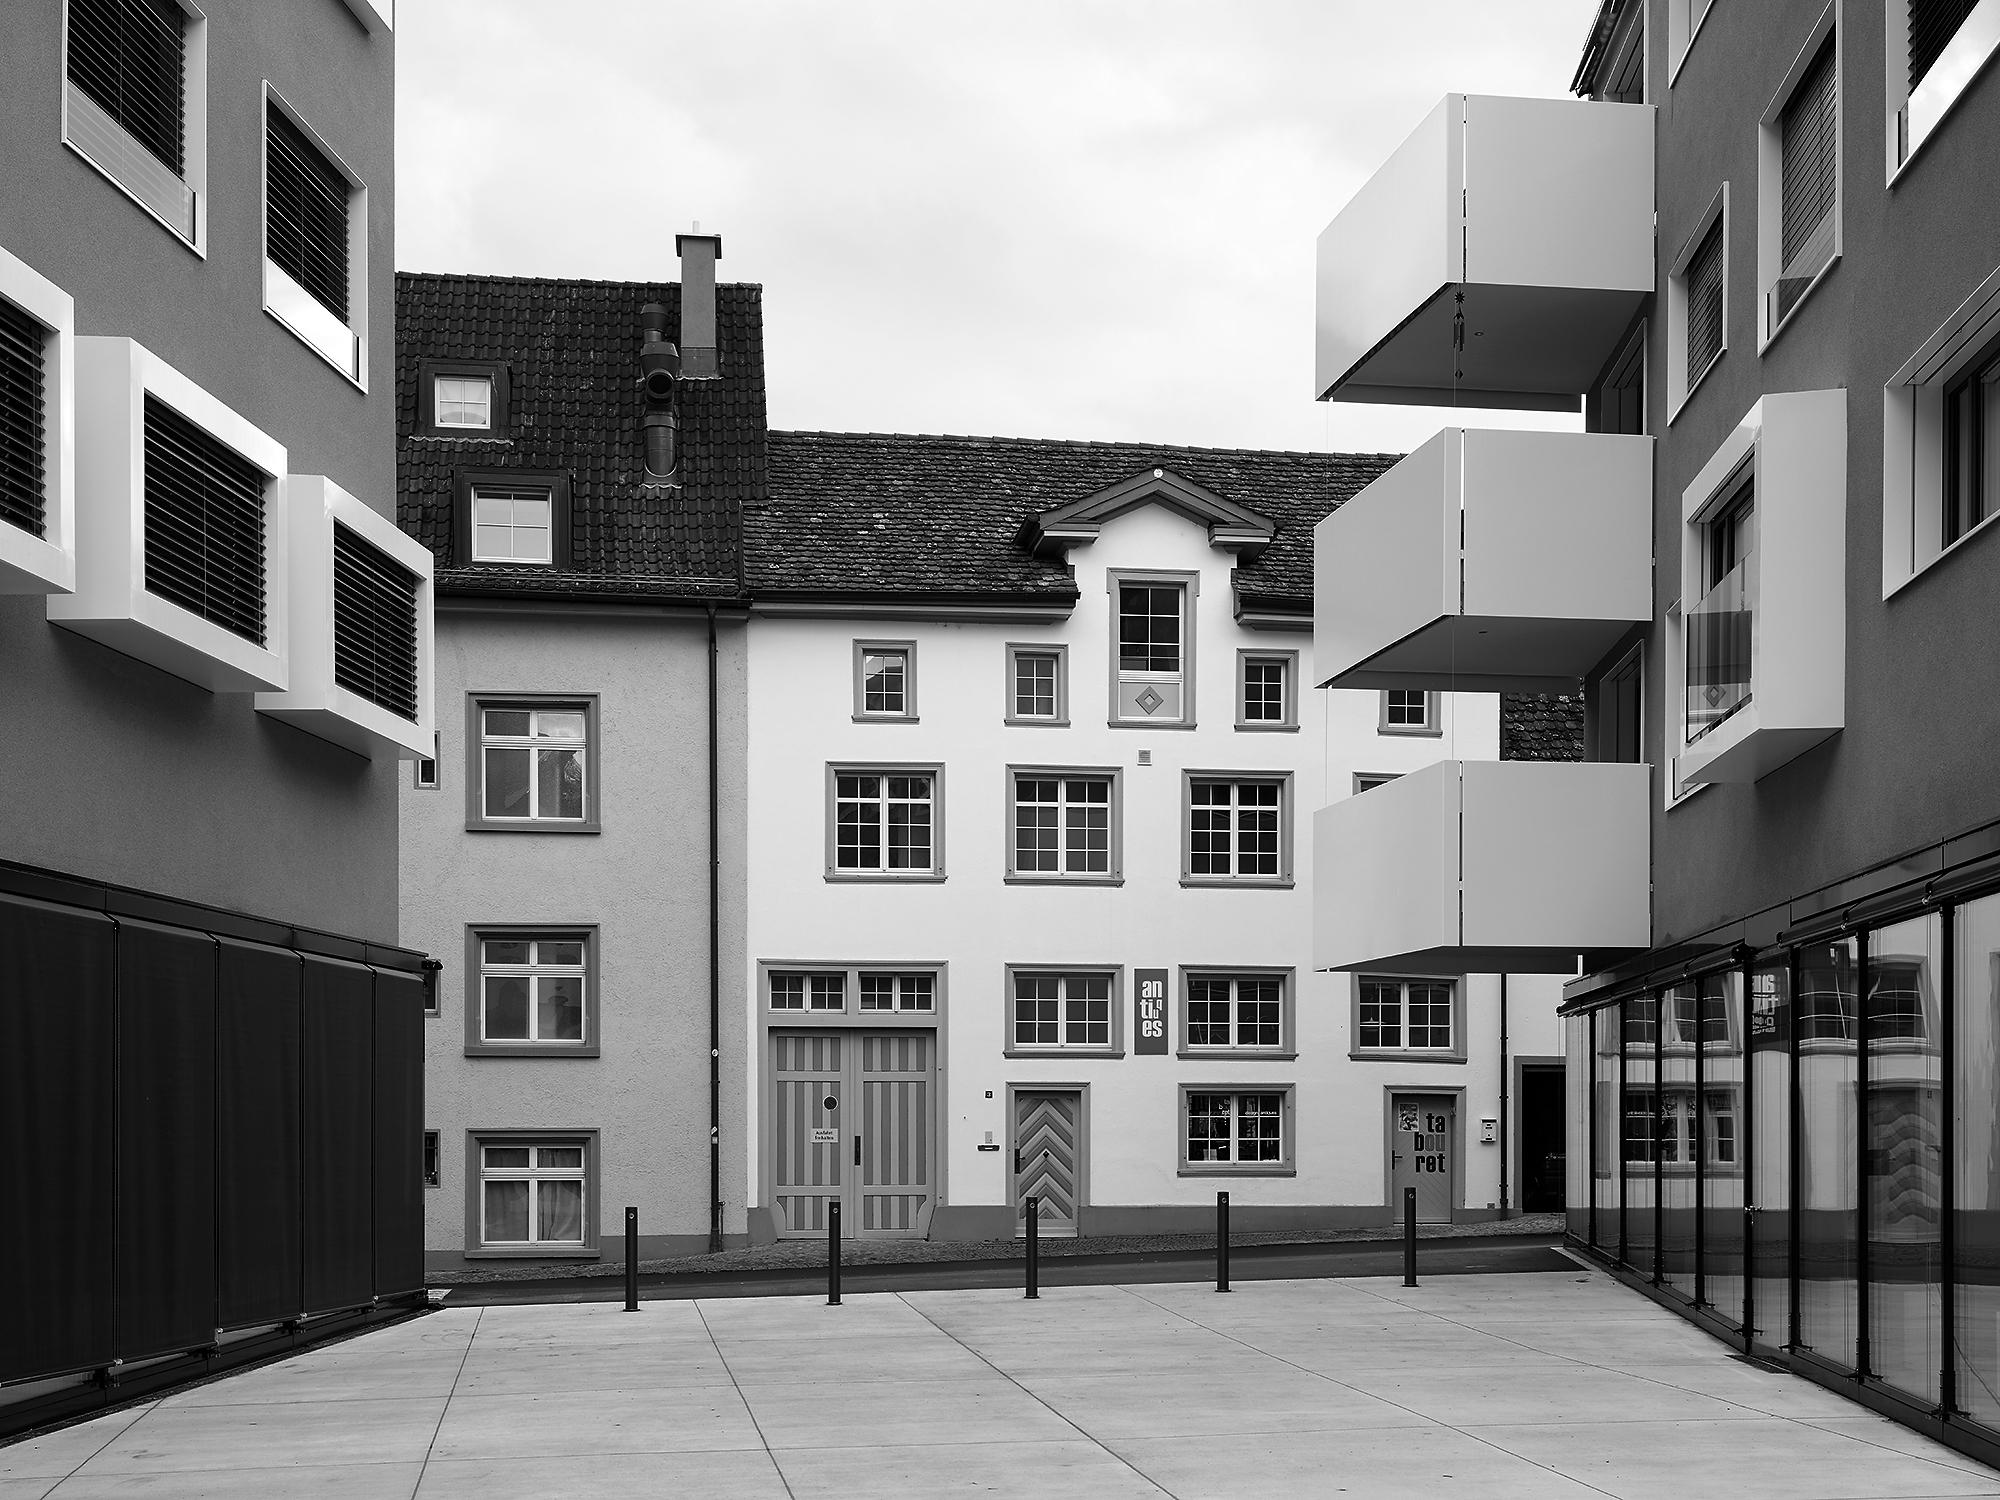 bleiche-schaffhausen-3.jpg